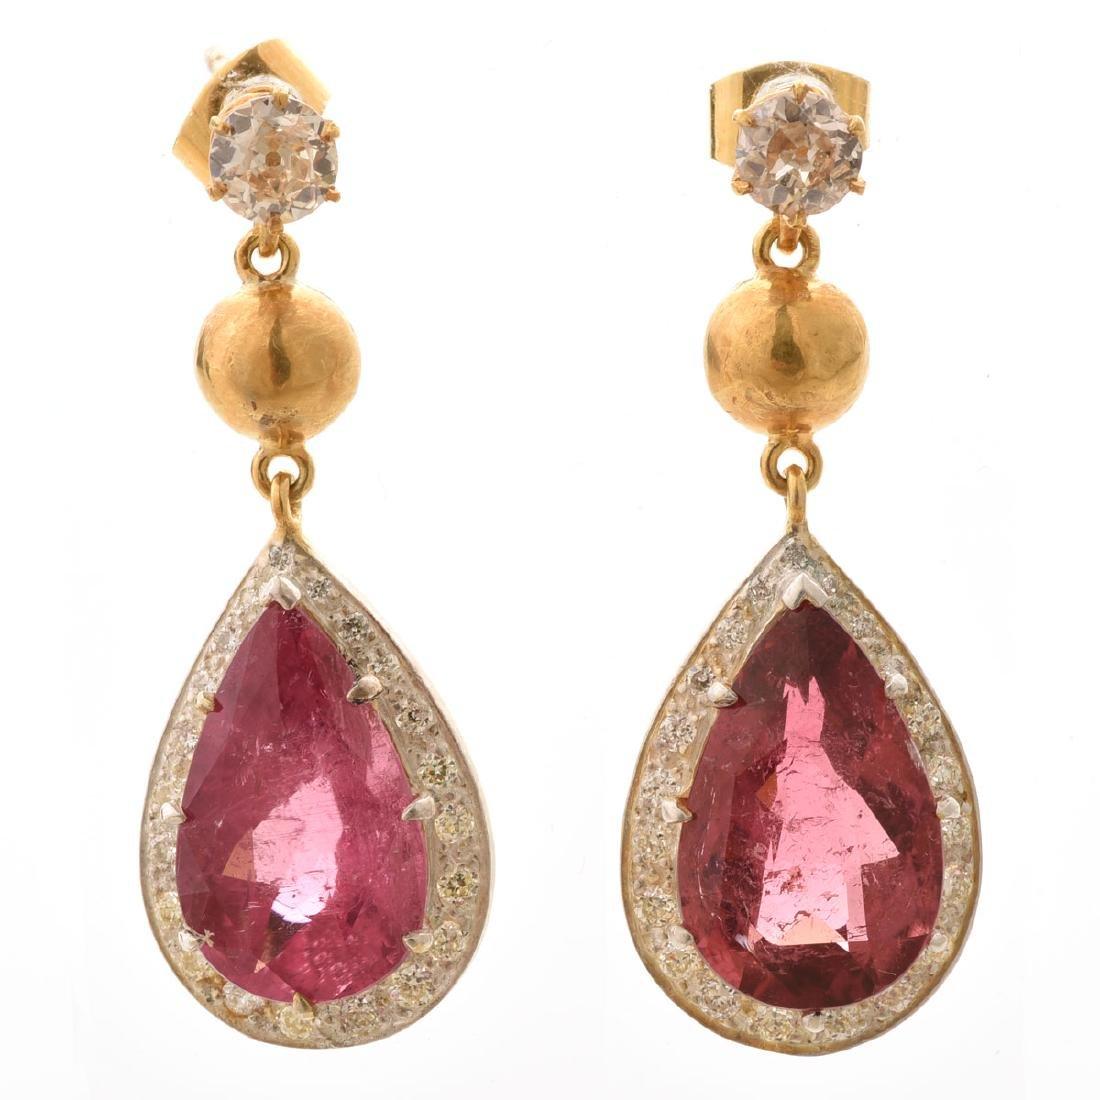 Pair of Tourmaline, Diamond, Silver-Gilt Earrings.